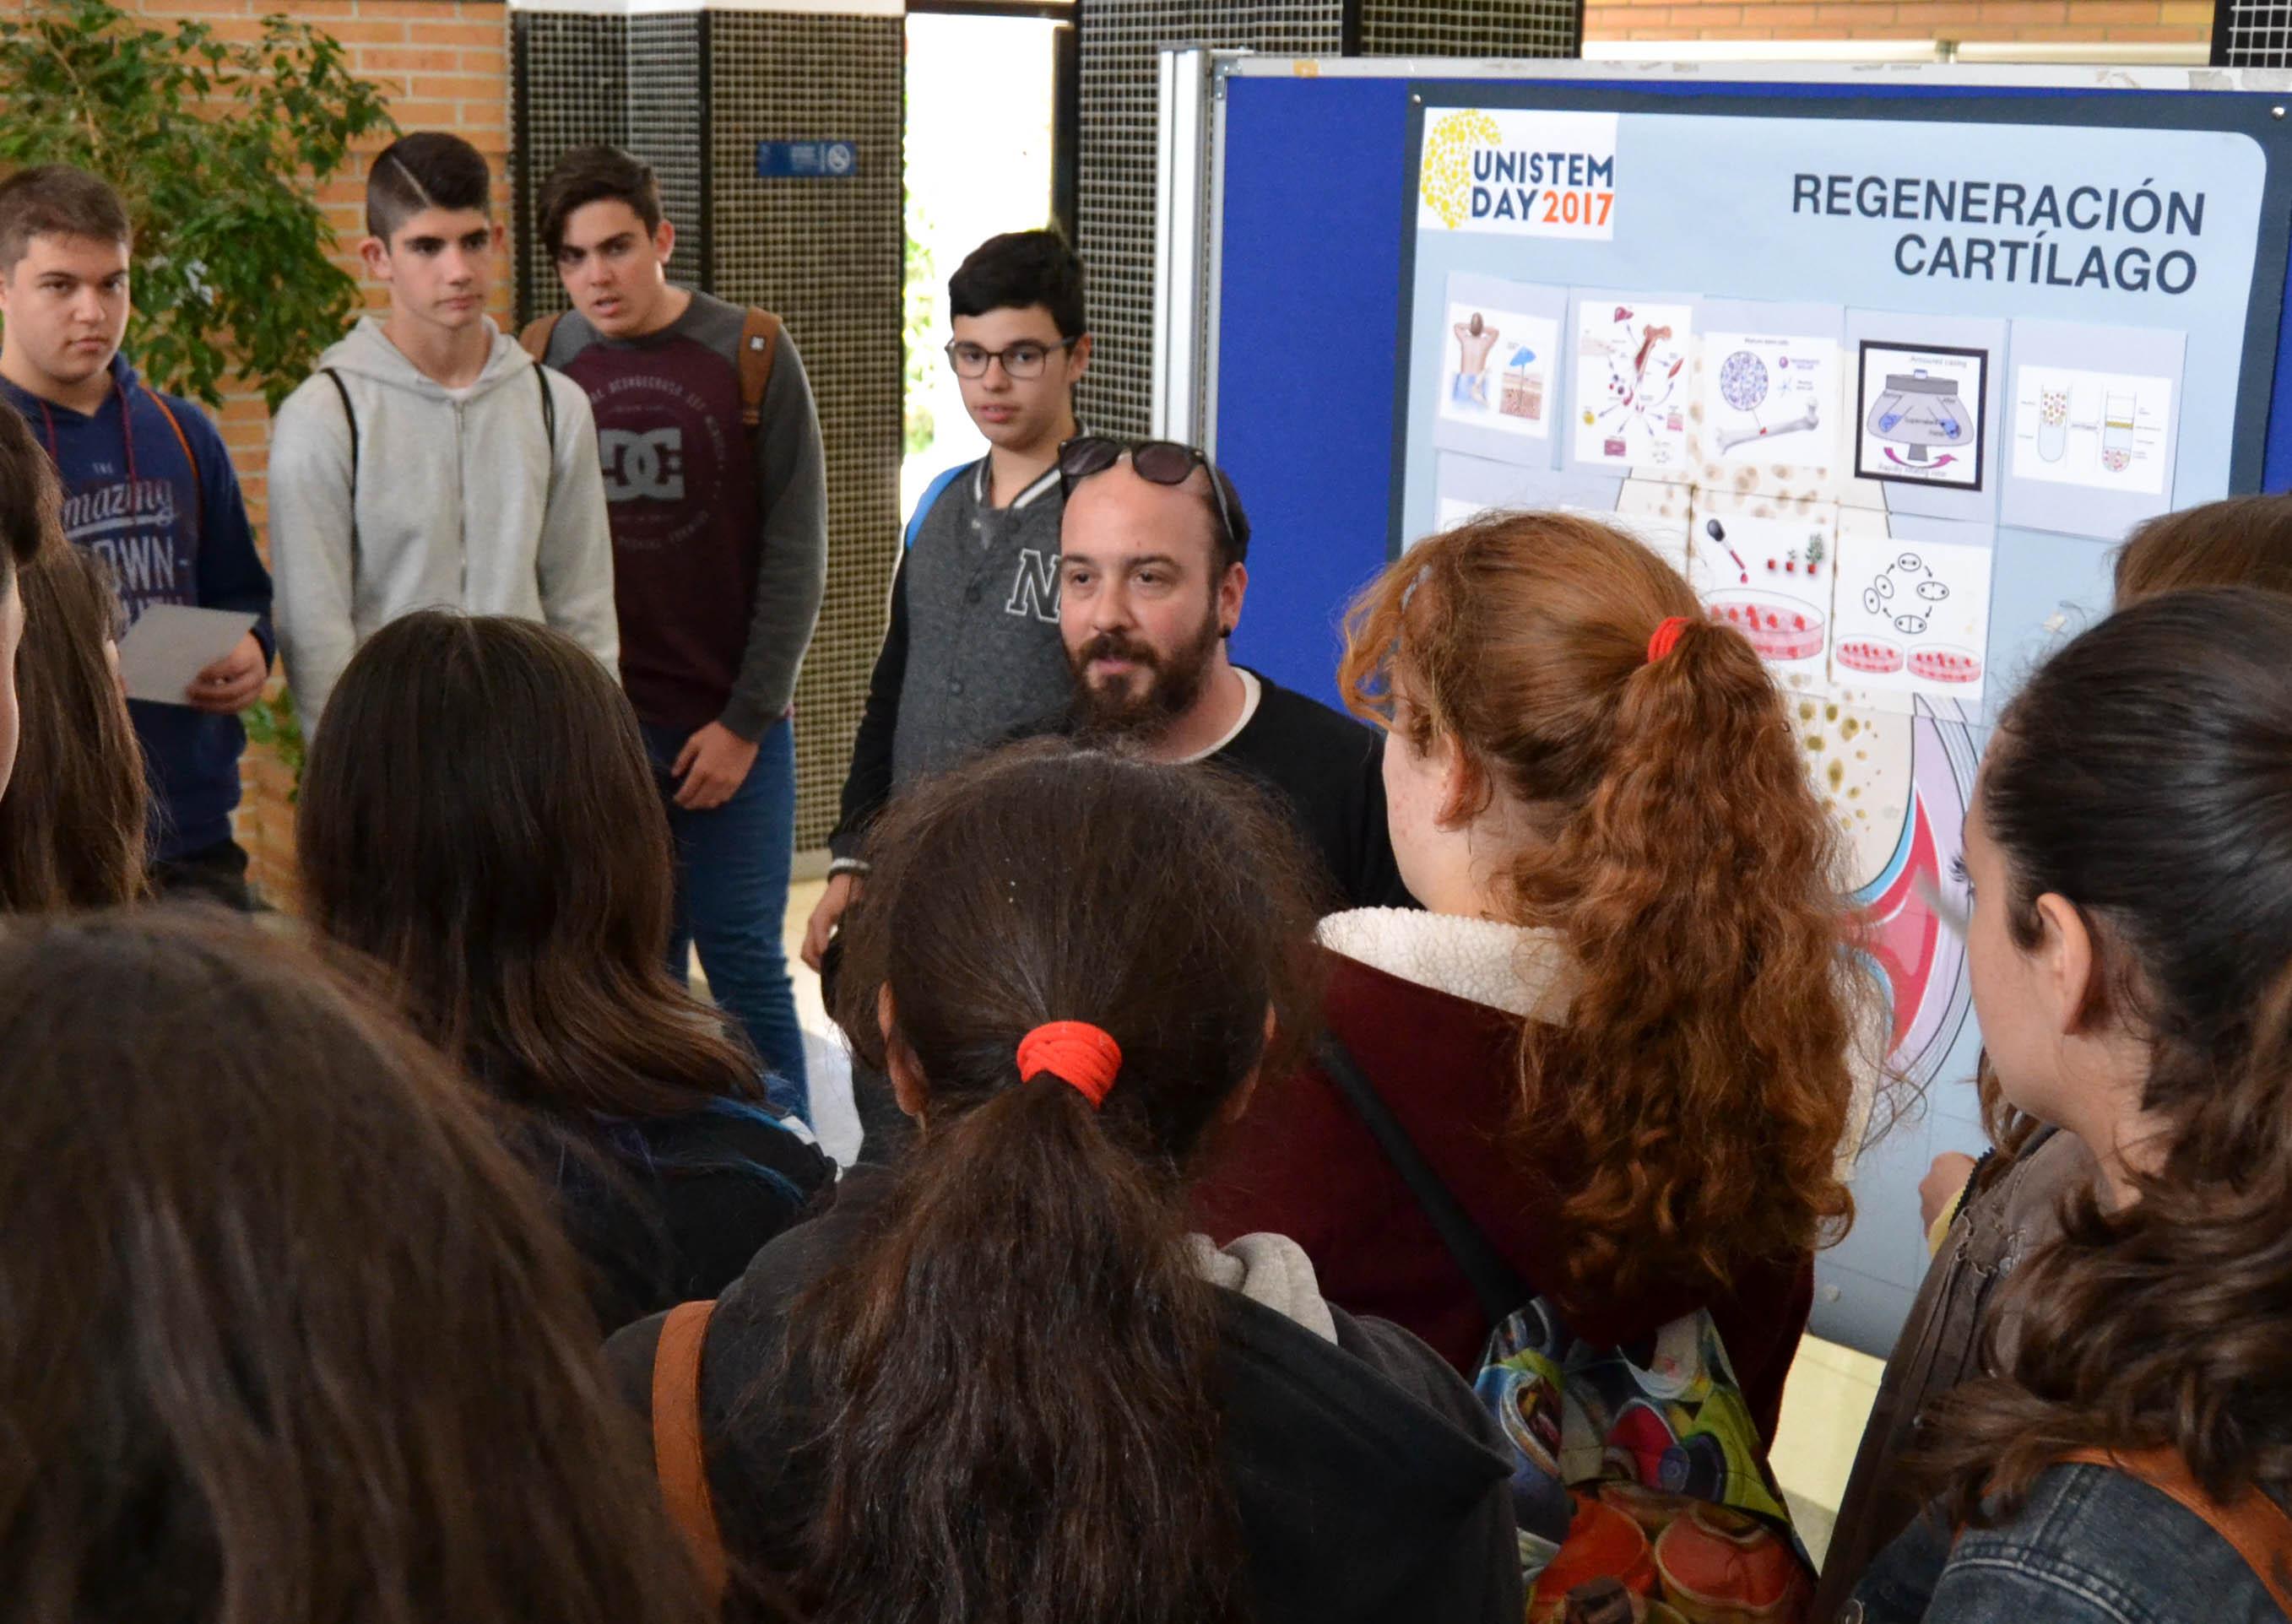 El Unistem Day acerca a más de 250 alumnos de secundaria a la investigación en células madre